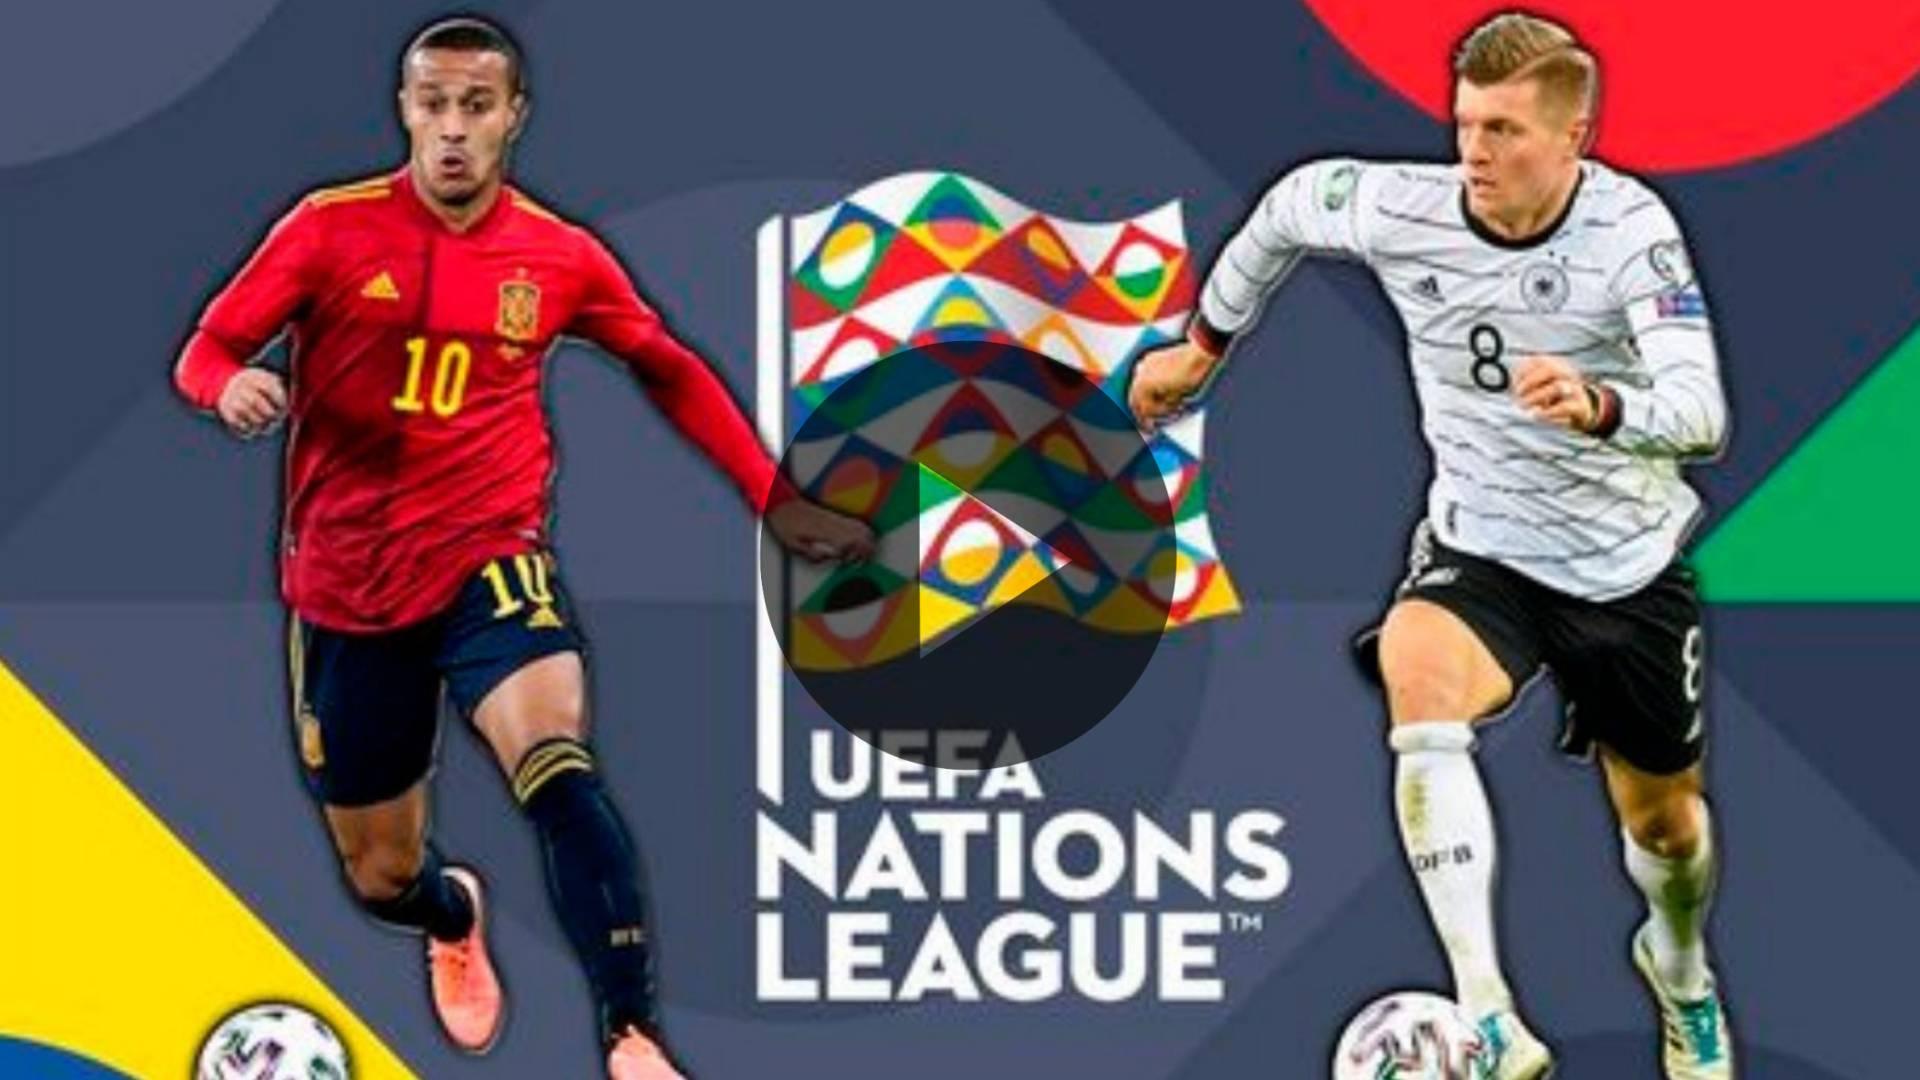 EN VIVO: ESPAÑA VS ALEMANIA: UEFA NATIONS LEAGUE: HOY EN DIRECTO COMO, DONDE Y HORARIOS DEL PARTIDO